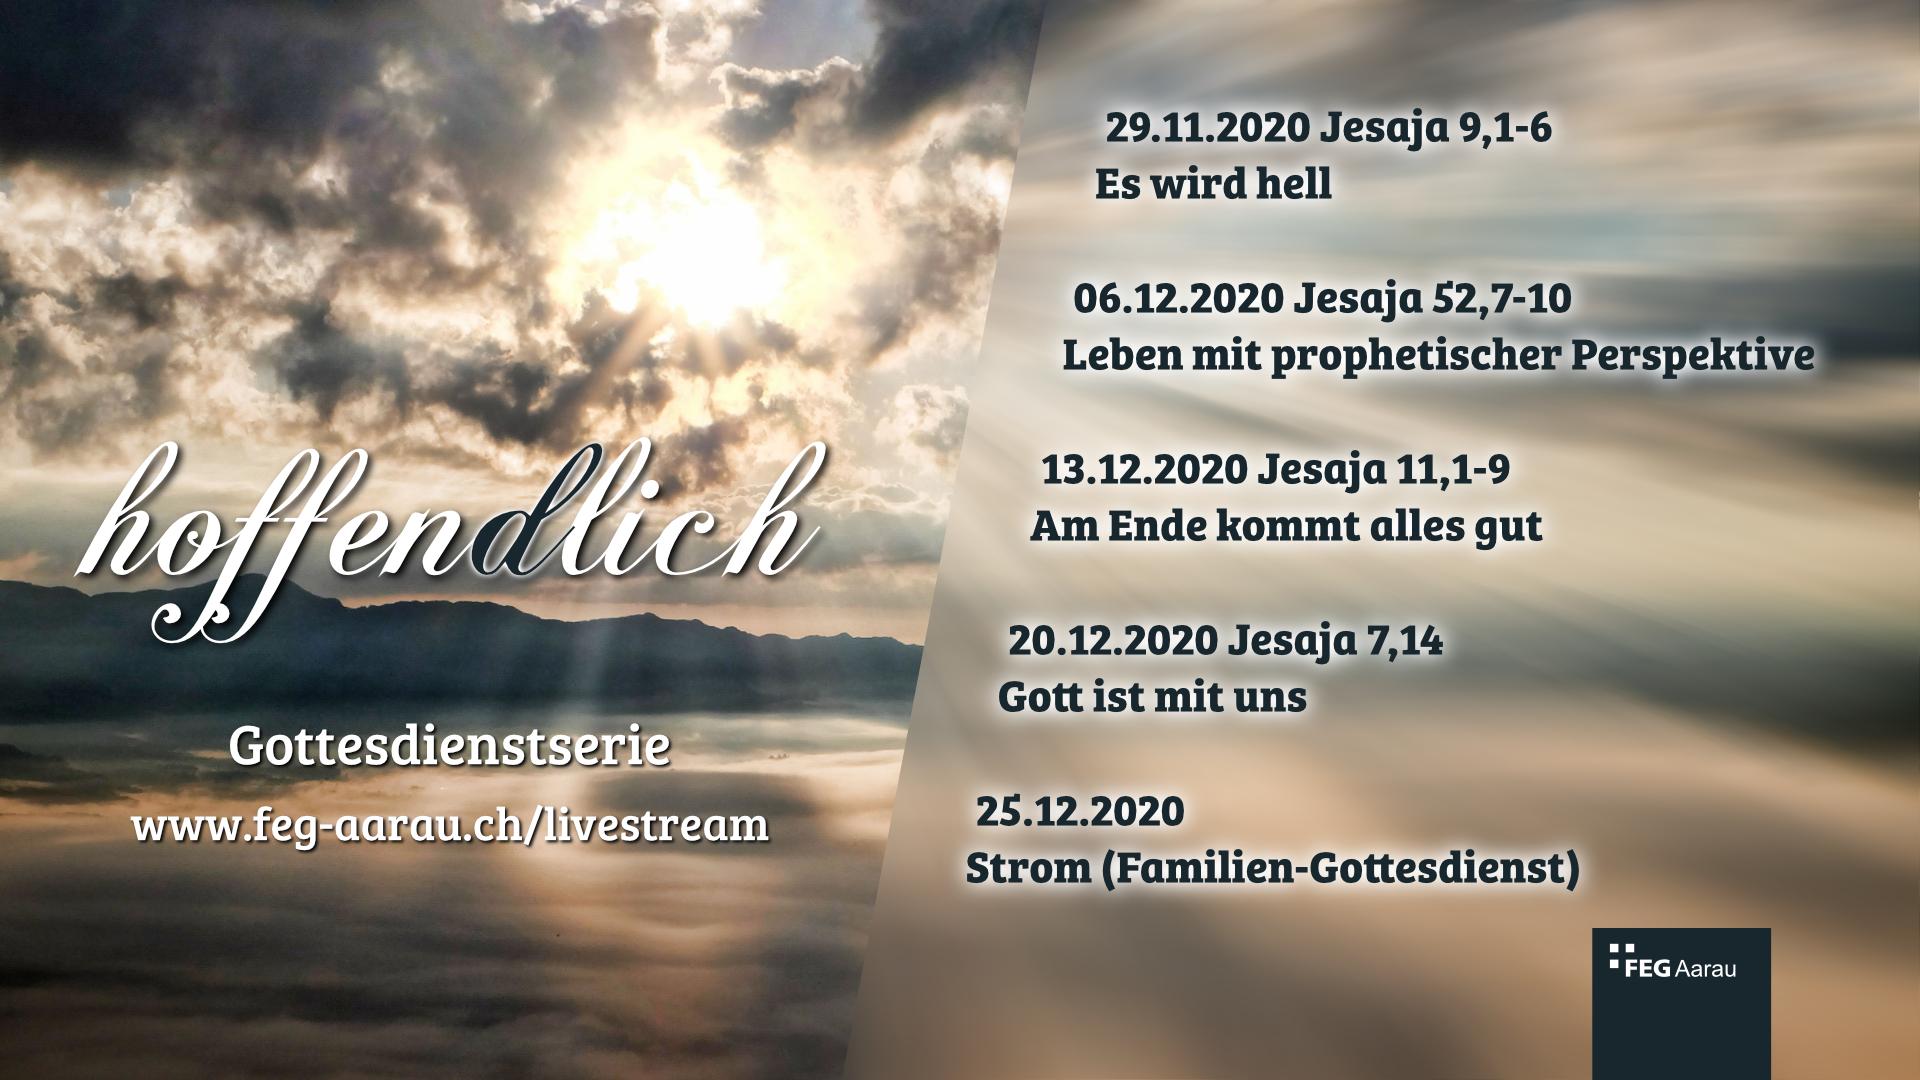 Jesaja 9,1-6